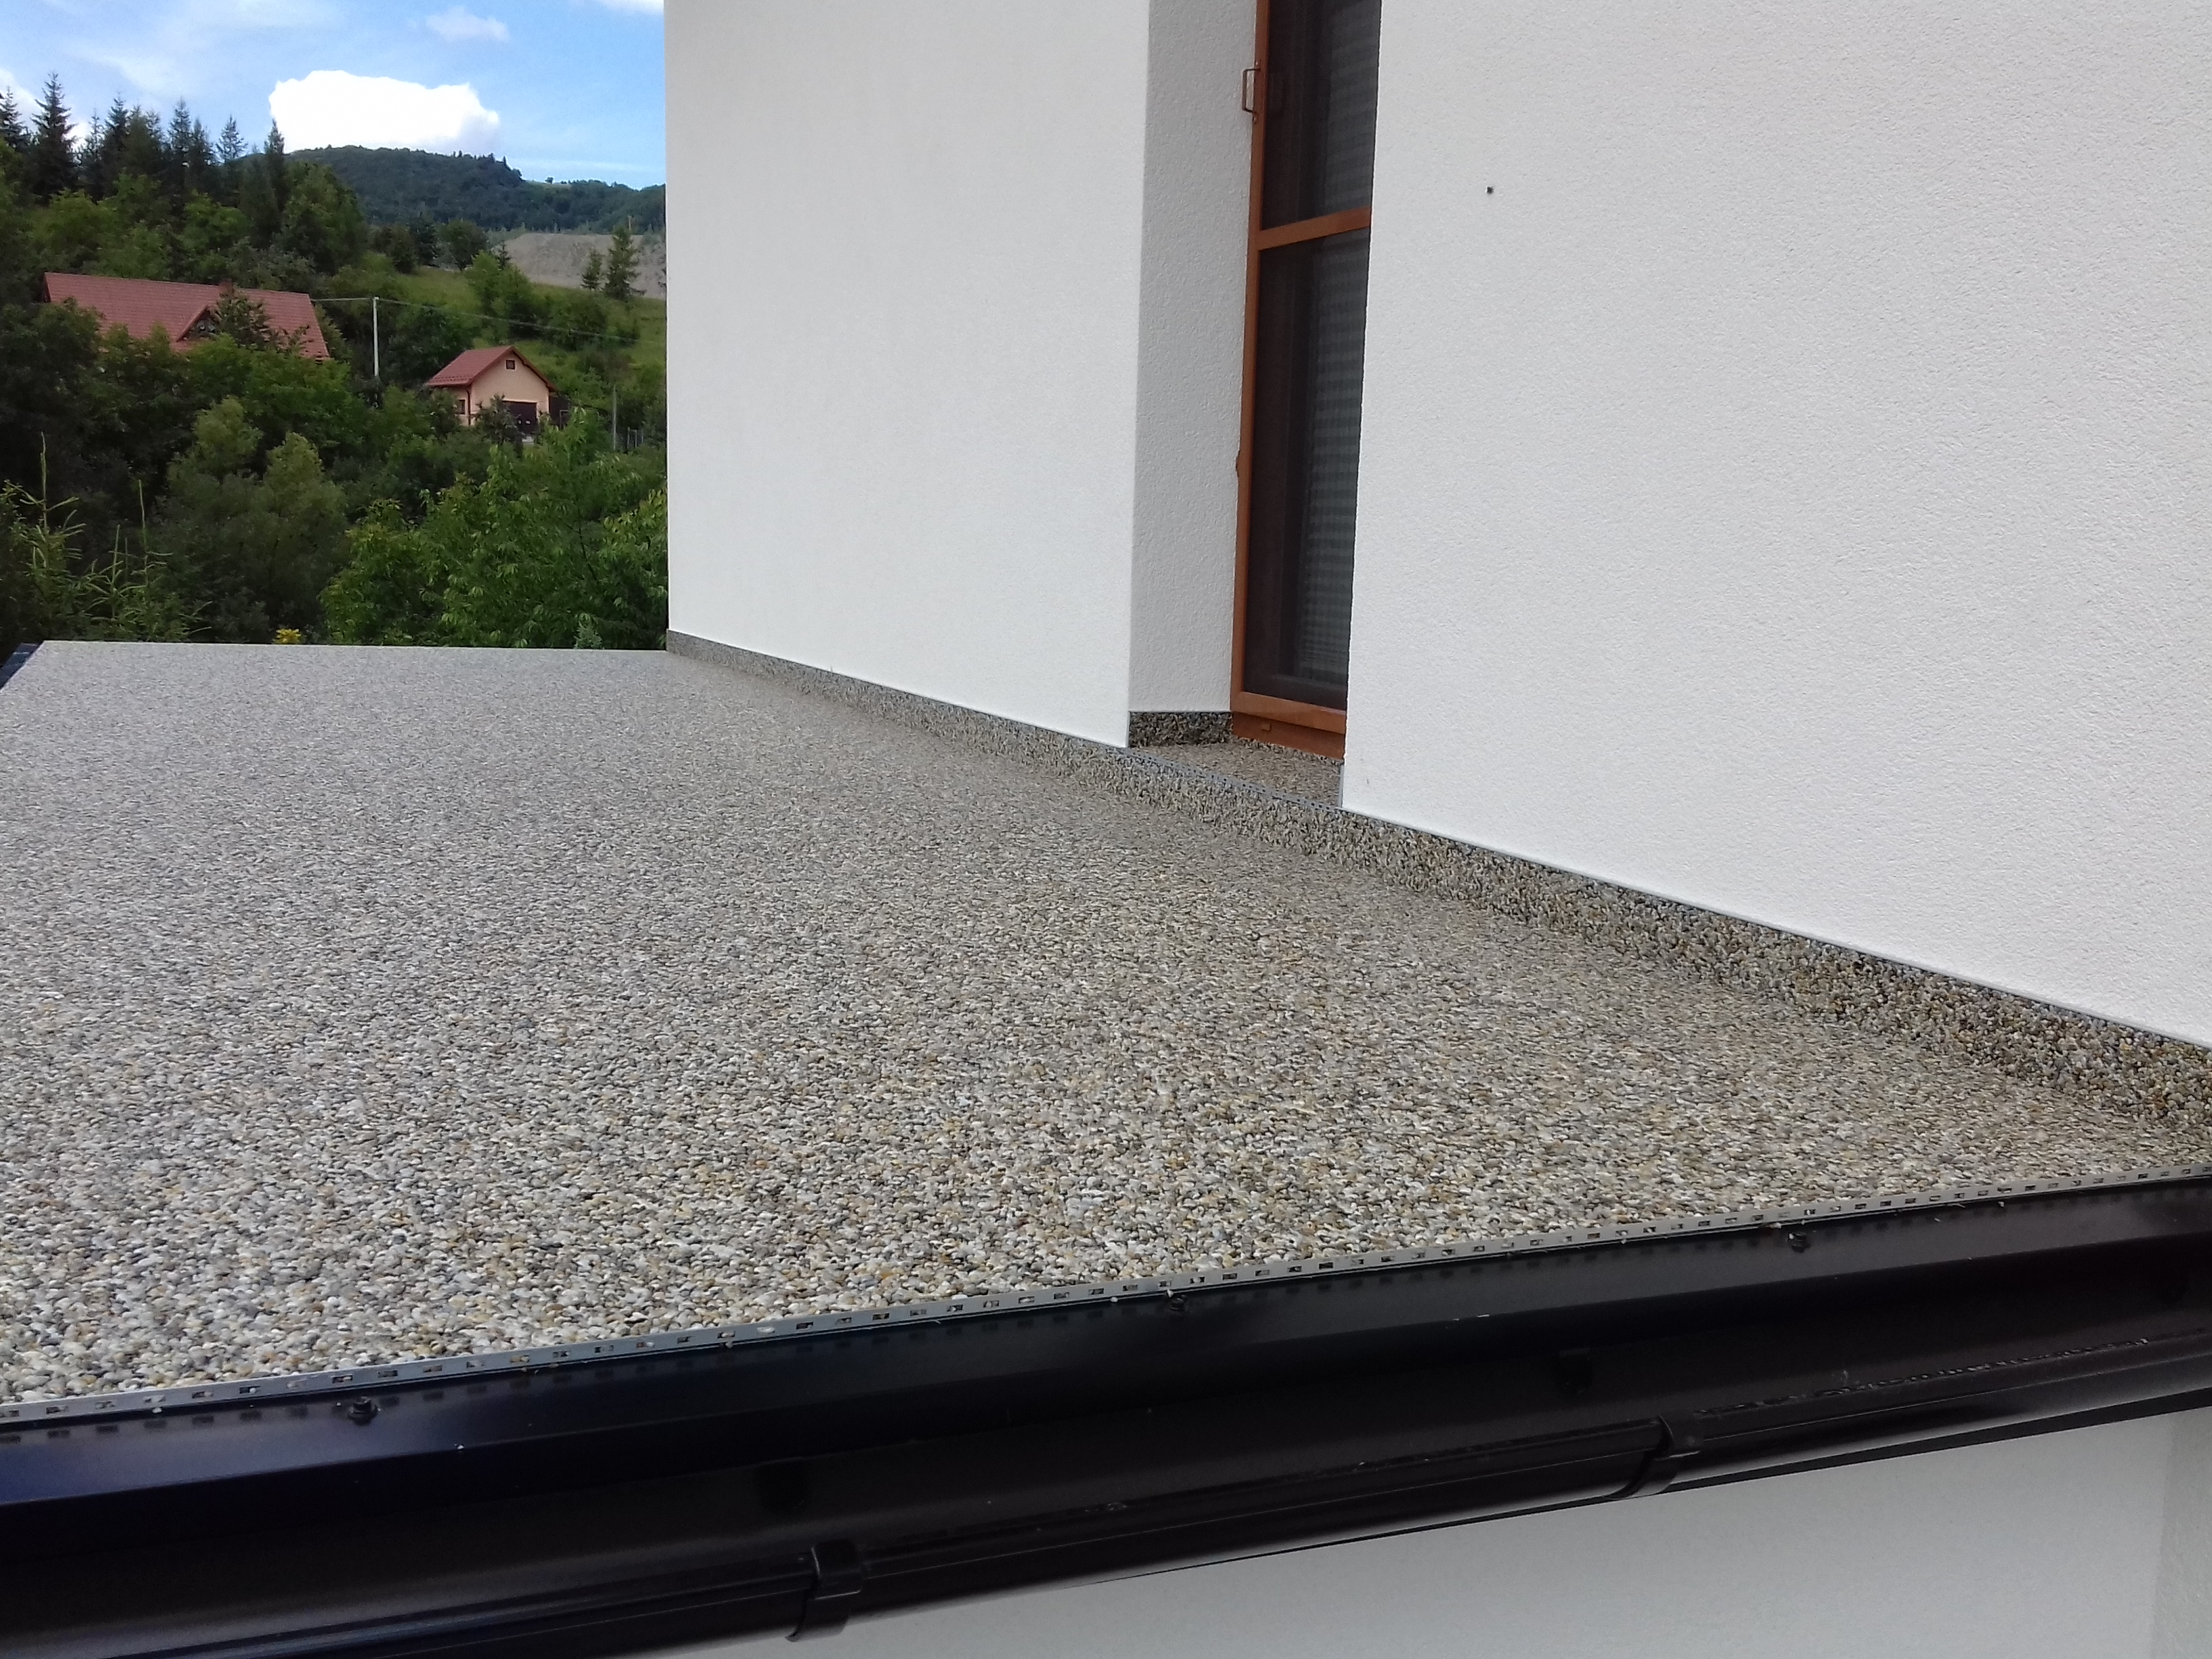 Kamienny Dywan W Systemie żywic Hyperdesmo Nowy Sącz